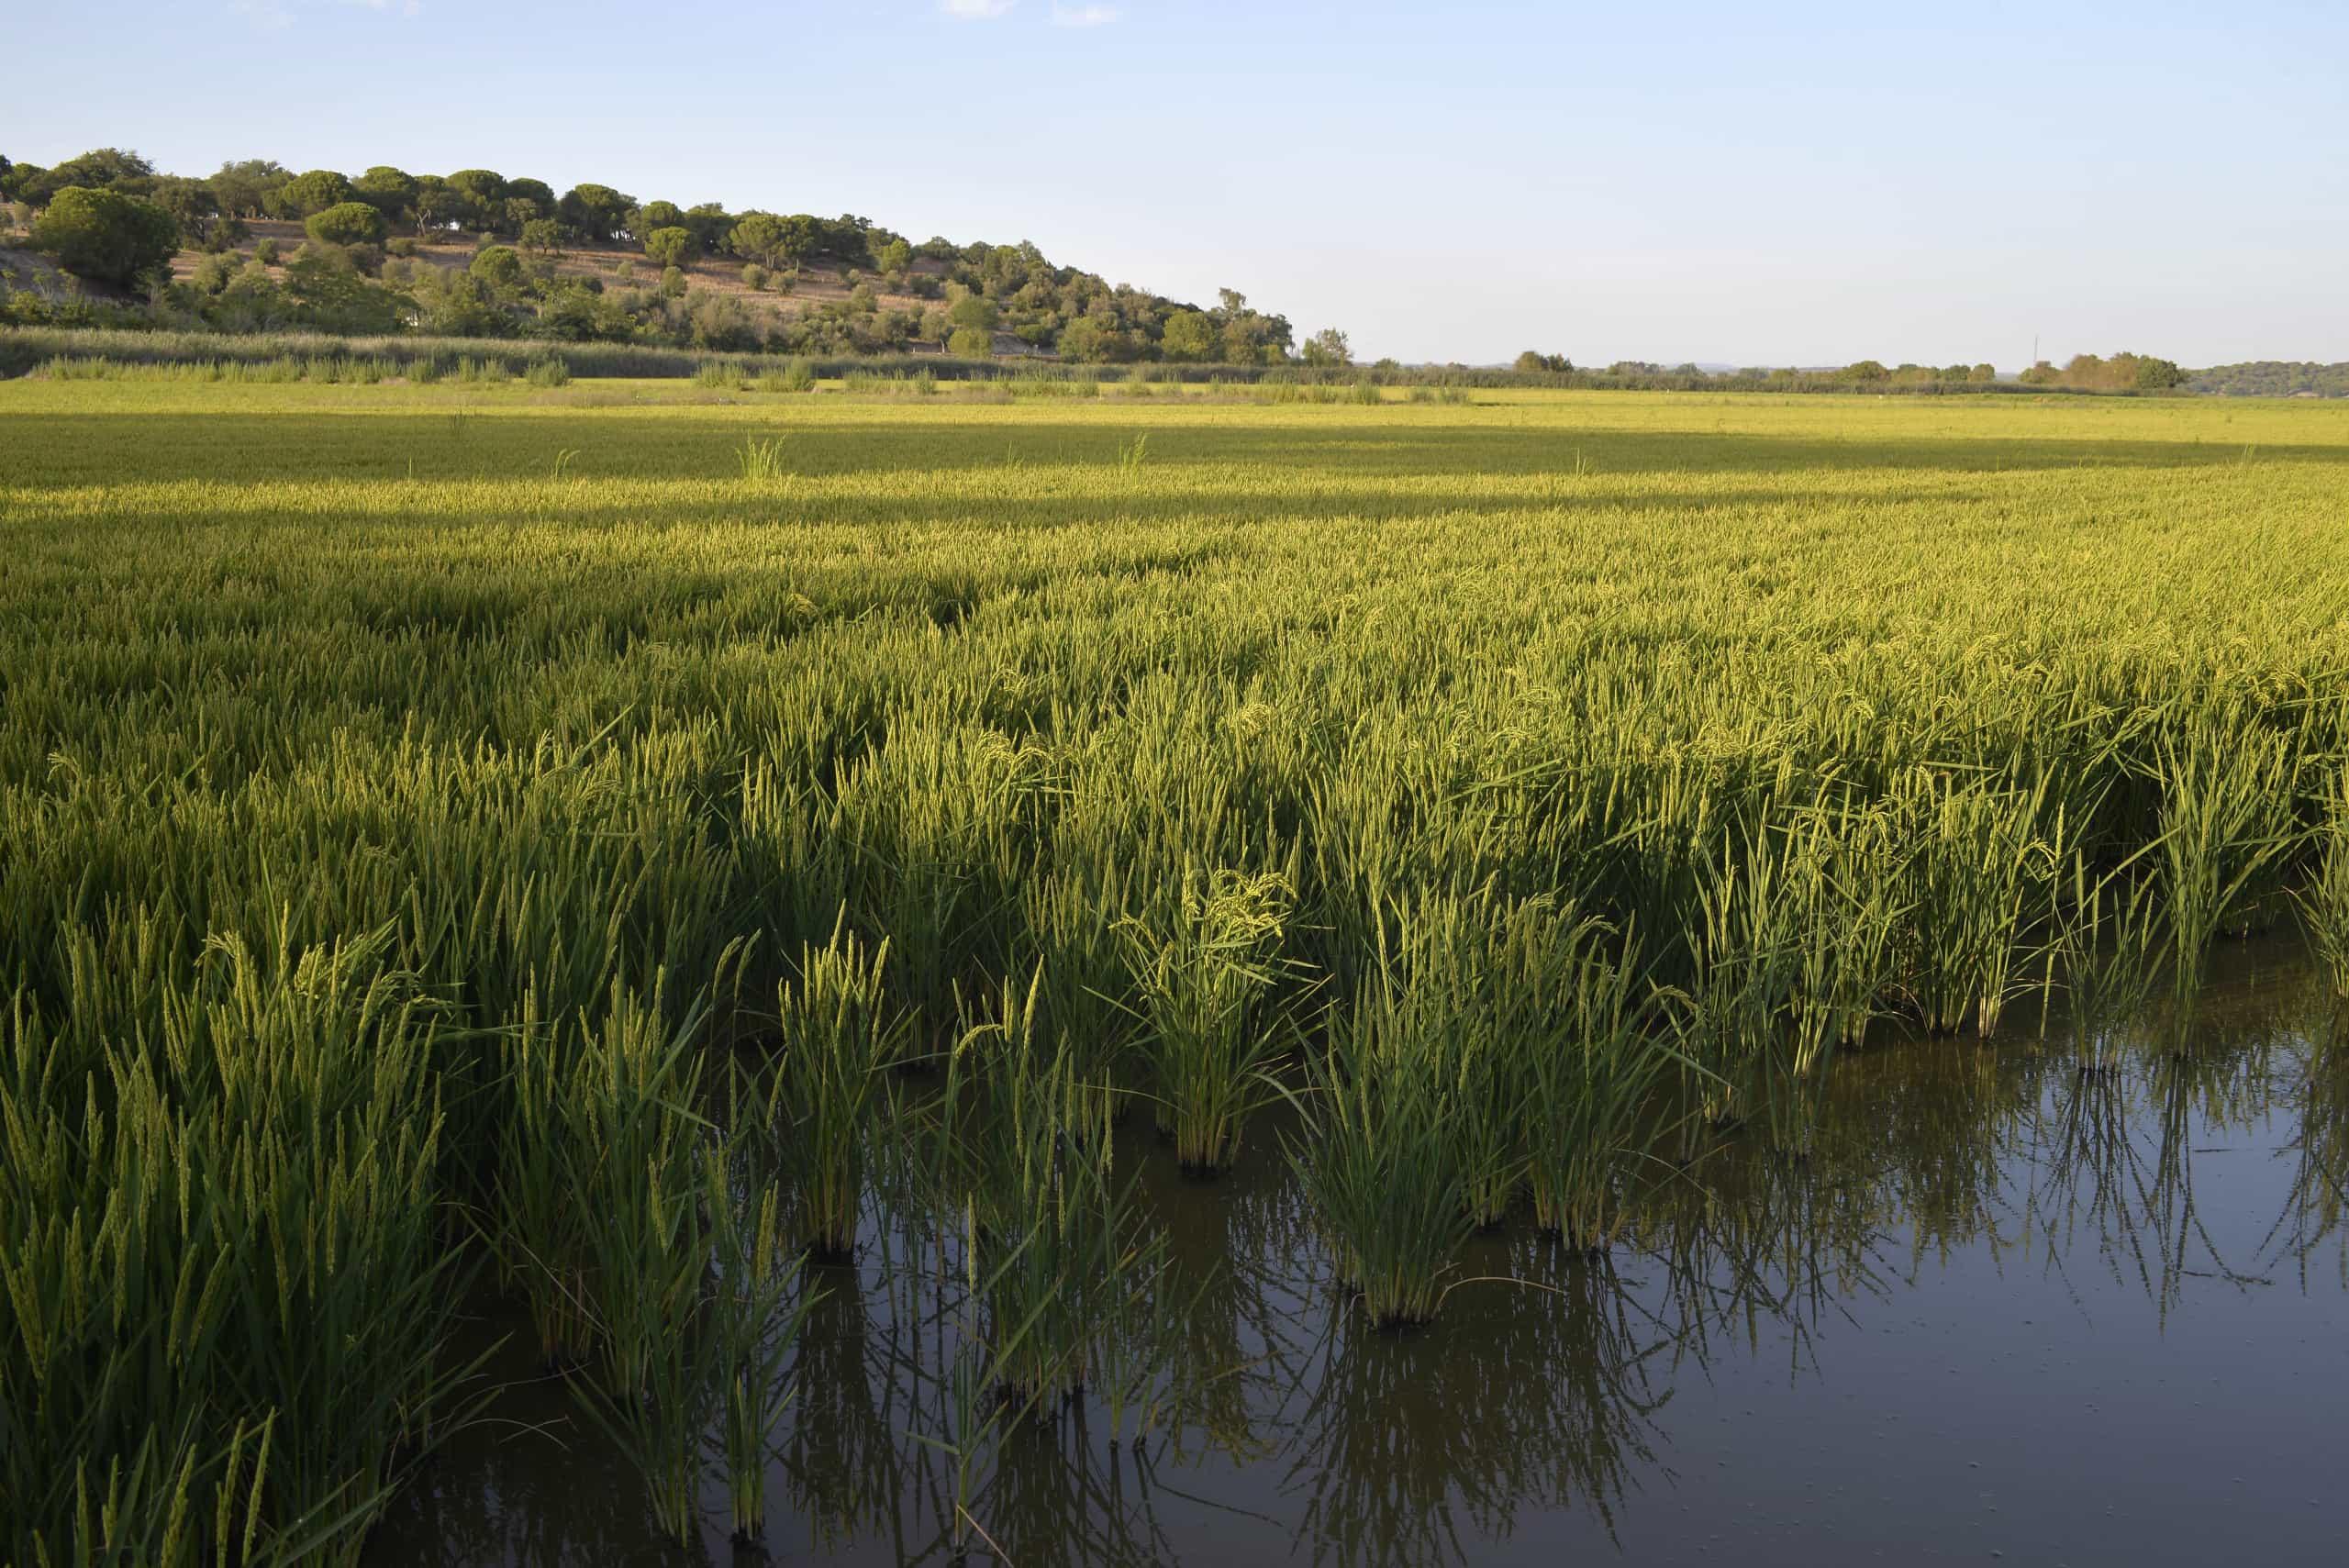 Vale Sado: Produtores de arroz estimam quebra de 25% da área de cultivo